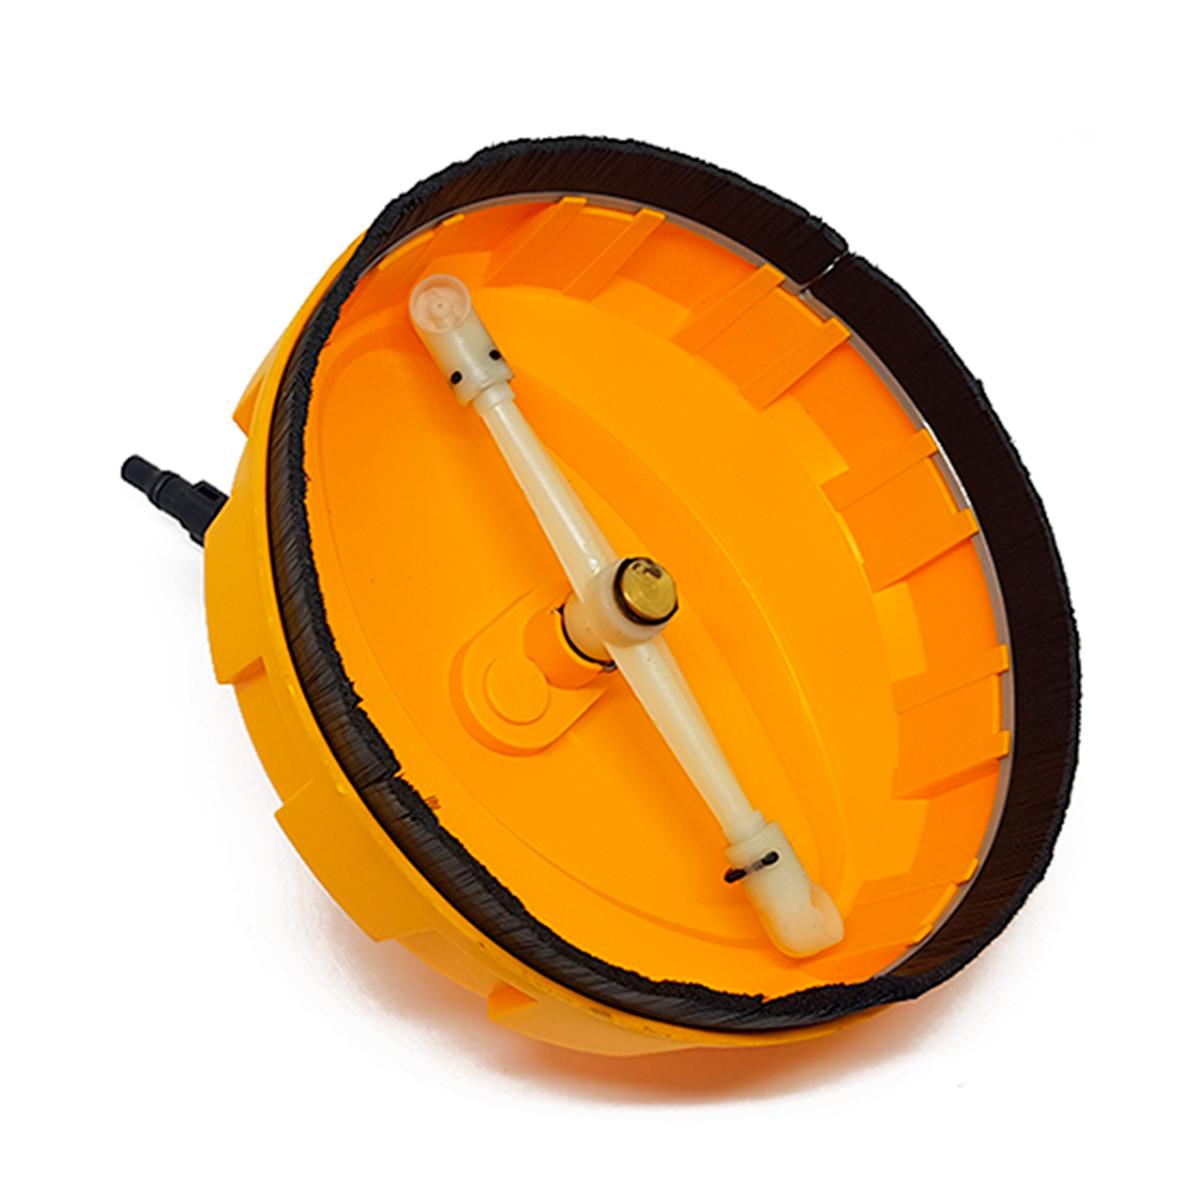 Escova Limpadora de Piso Original Wap para Lavadora de Alta Pressão Bravo, Eco Wash, Atacama, Atacama Smart, Premium Original